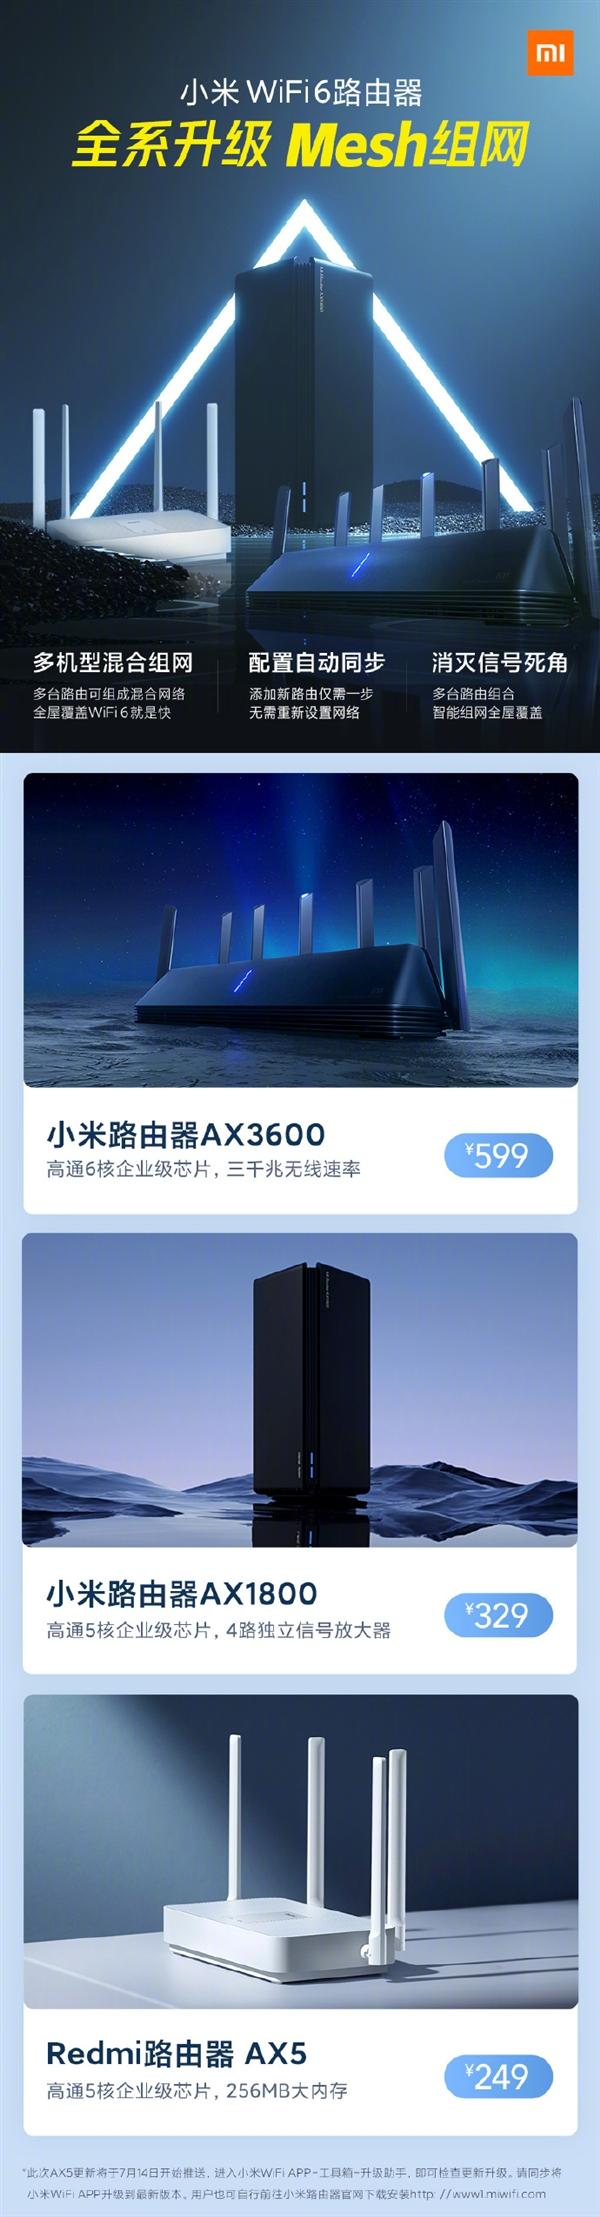 搞定AX5 小米Wi-Fi 6路由器全系支持升级Mesh组网